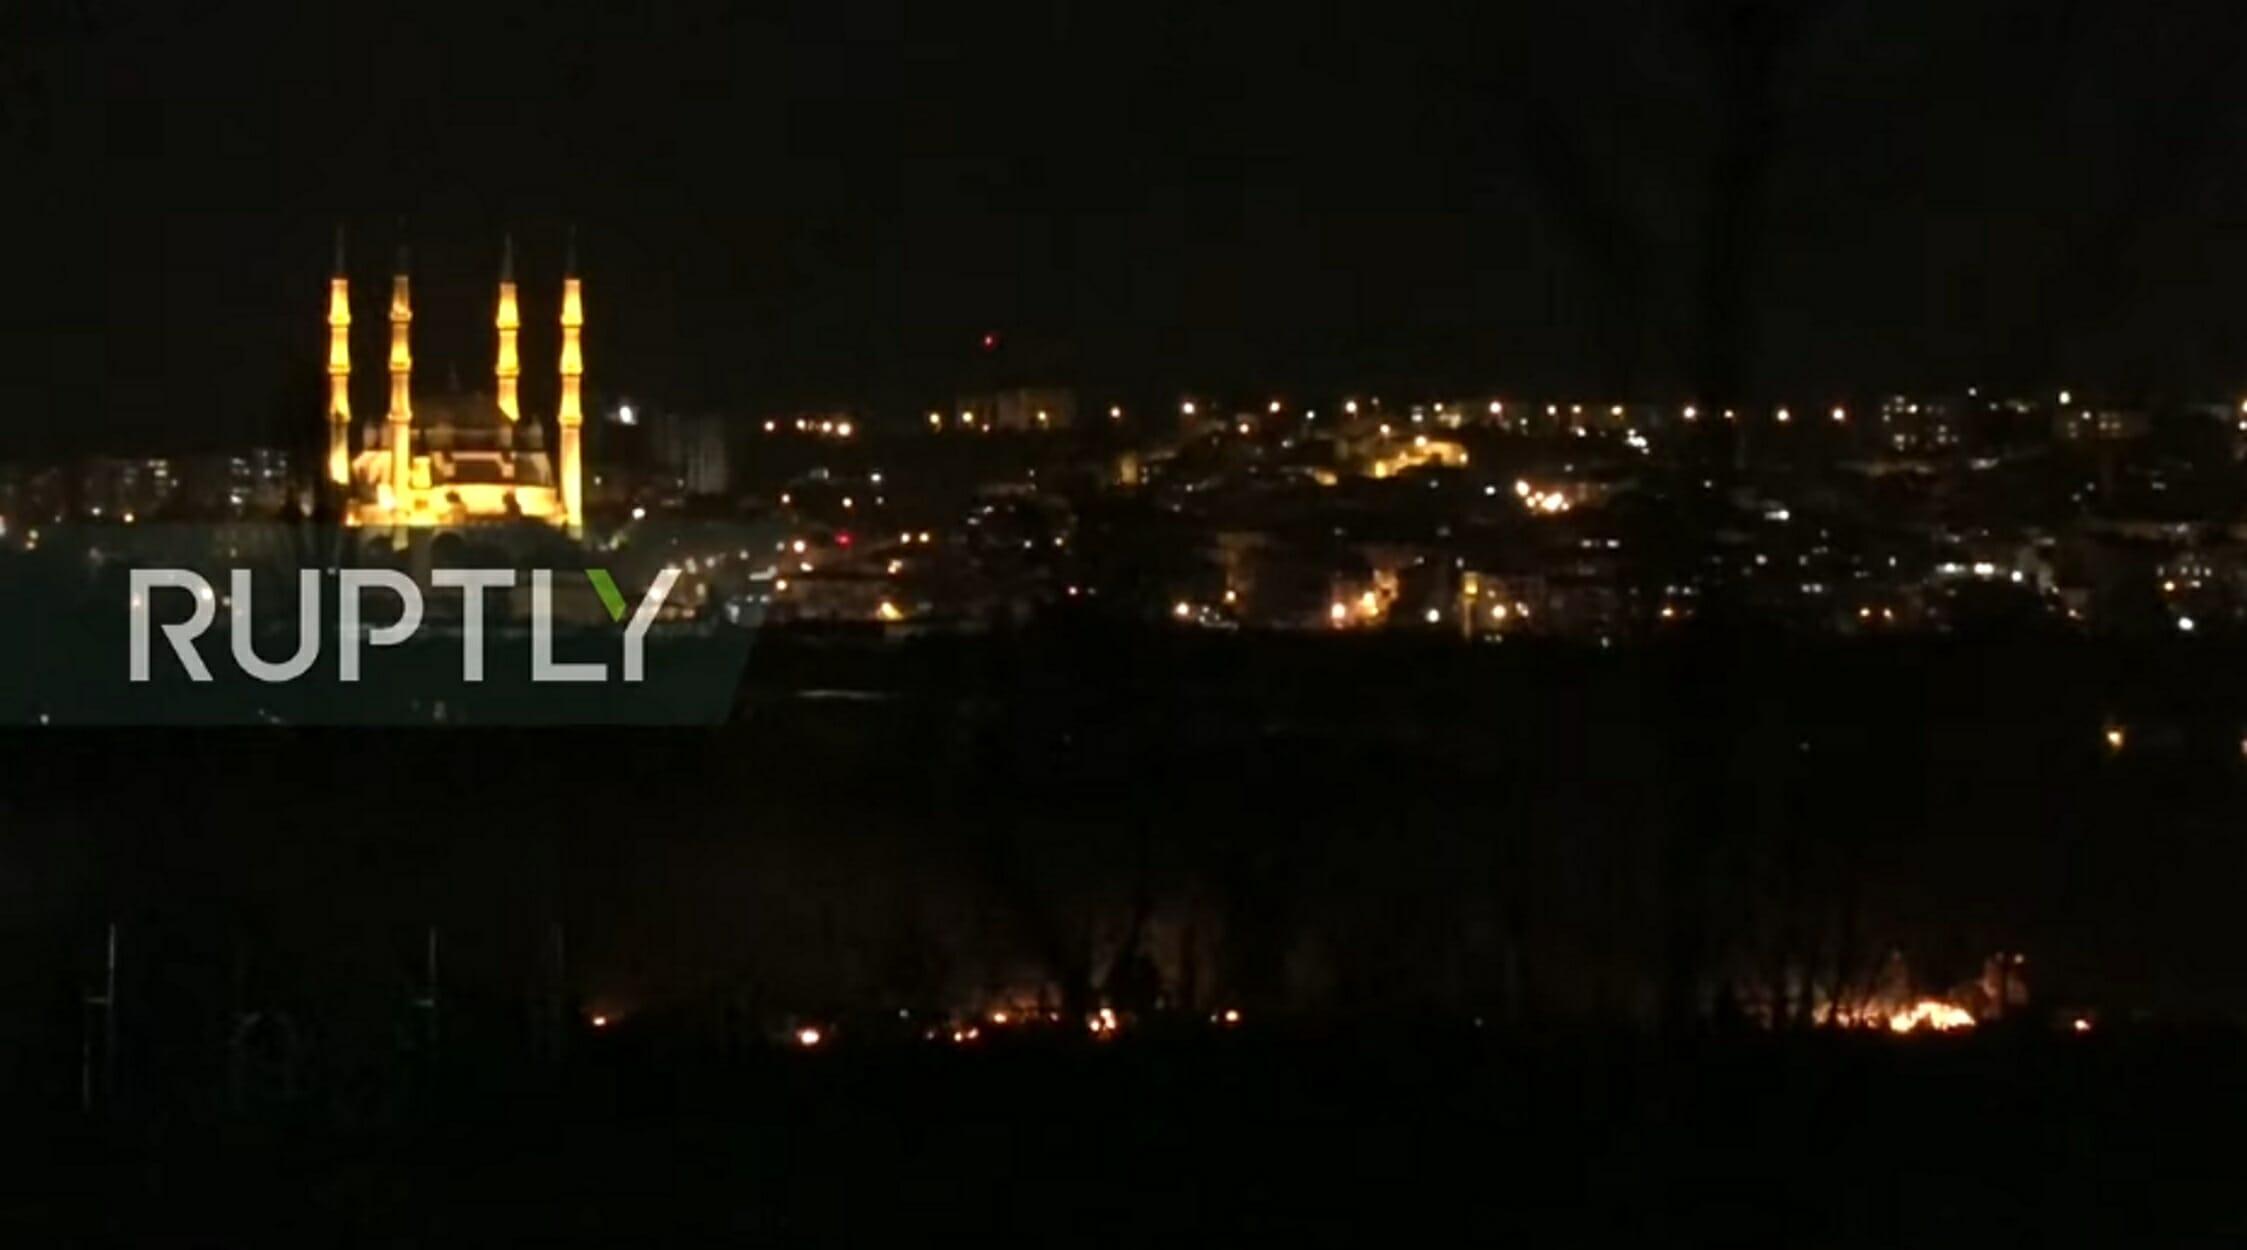 Έβρος: Νέα επεισόδια στα ελληνοτουρκικά σύνορα με χημικά, καπνούς και φωτιές! video